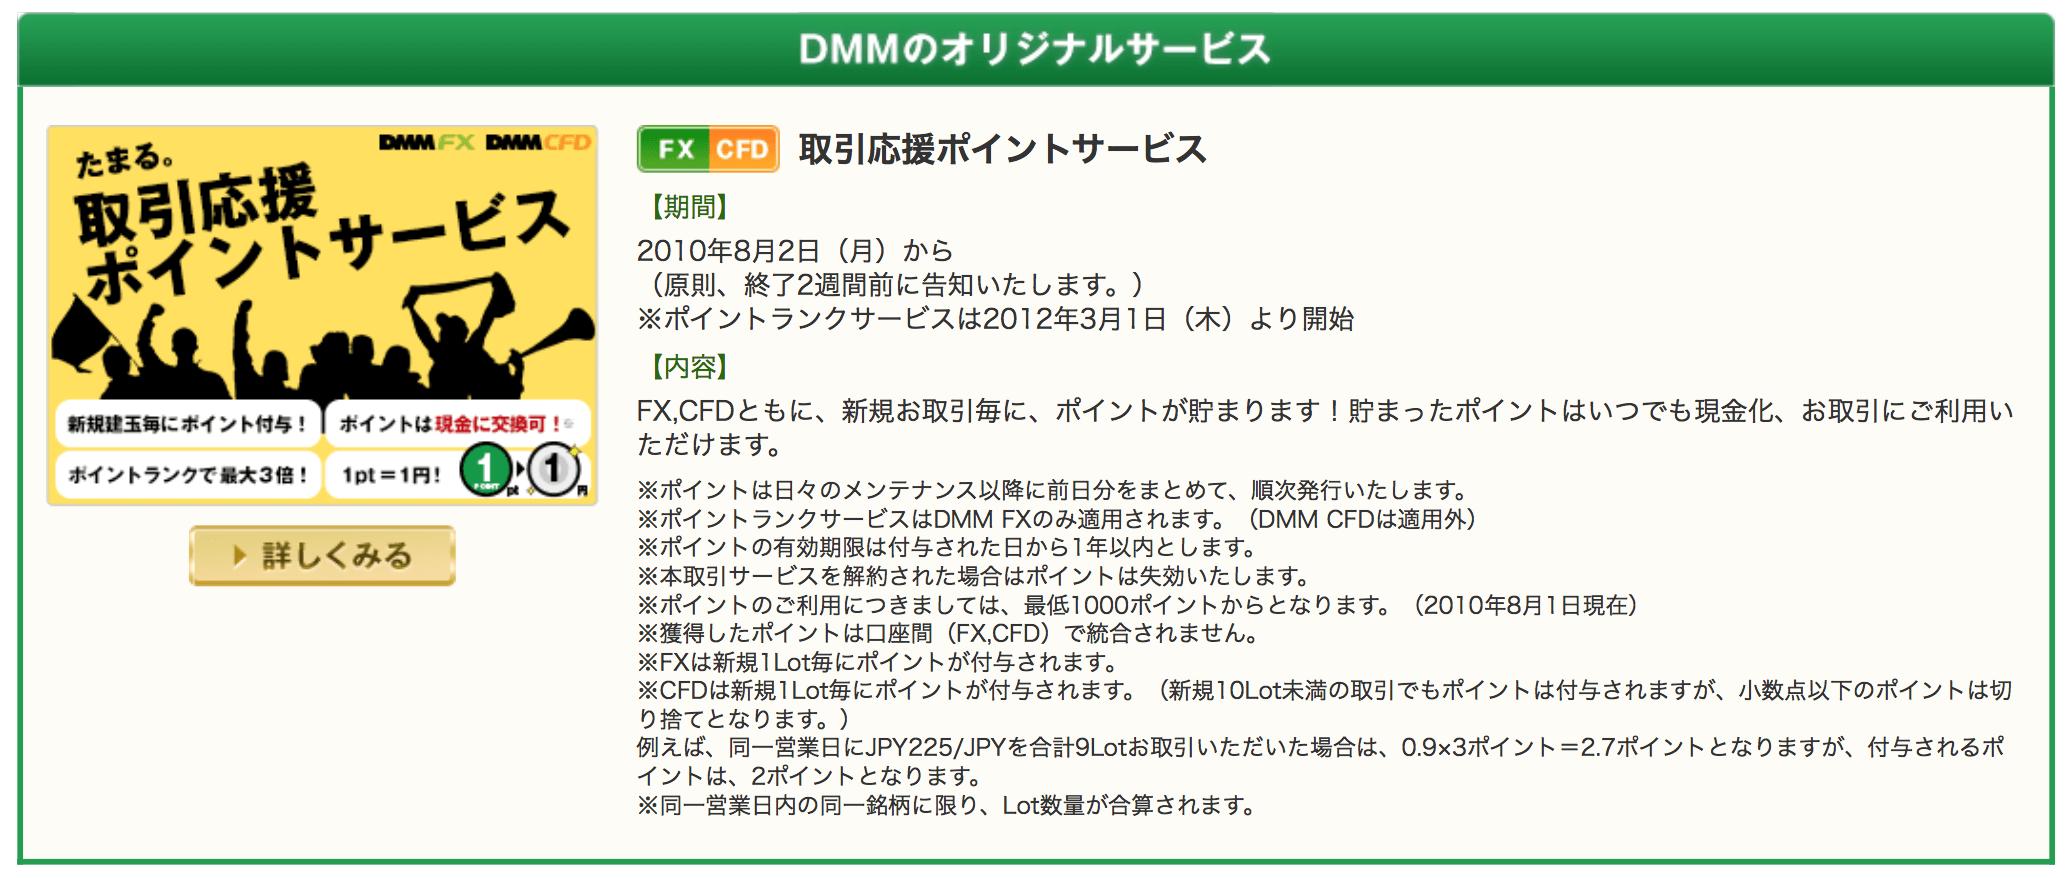 DMMのオリジナルサービス